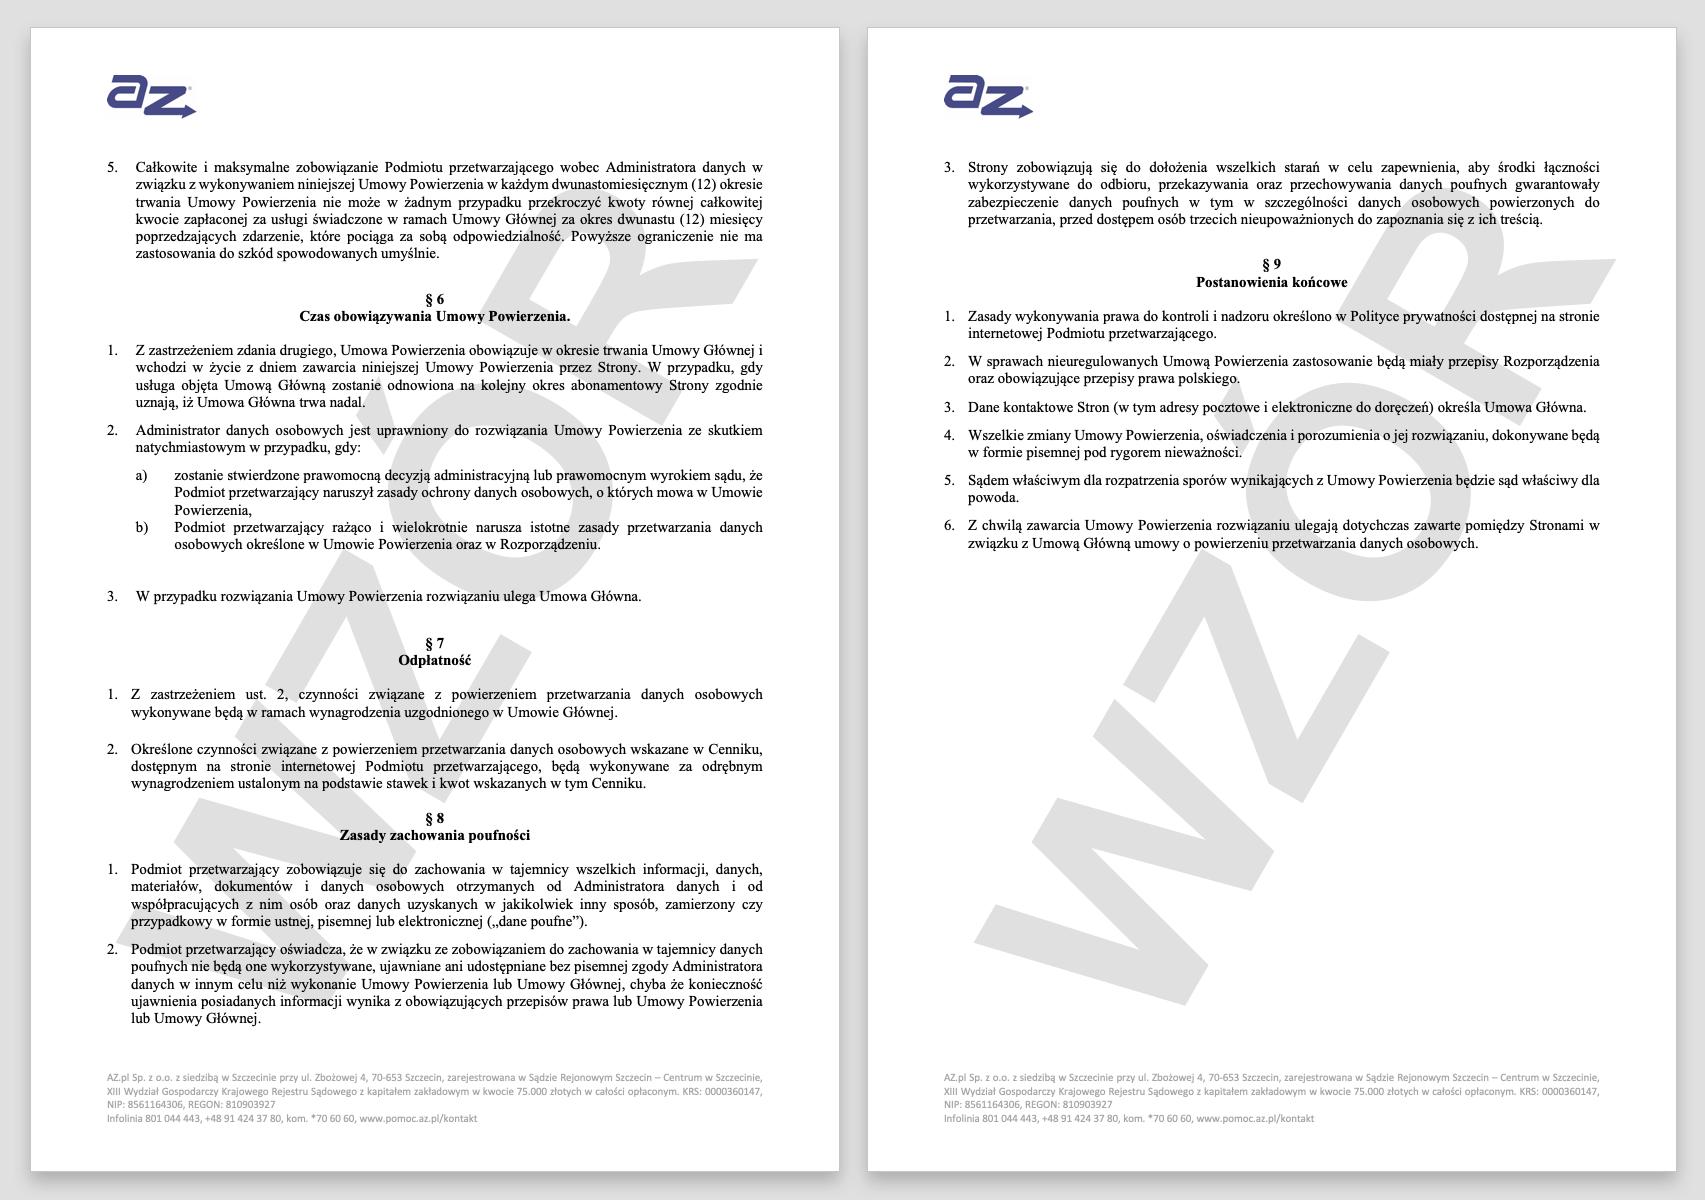 RODO - jak wygląda przykładowa umowa powierzenia przetwarzania danych w AZ.pl.